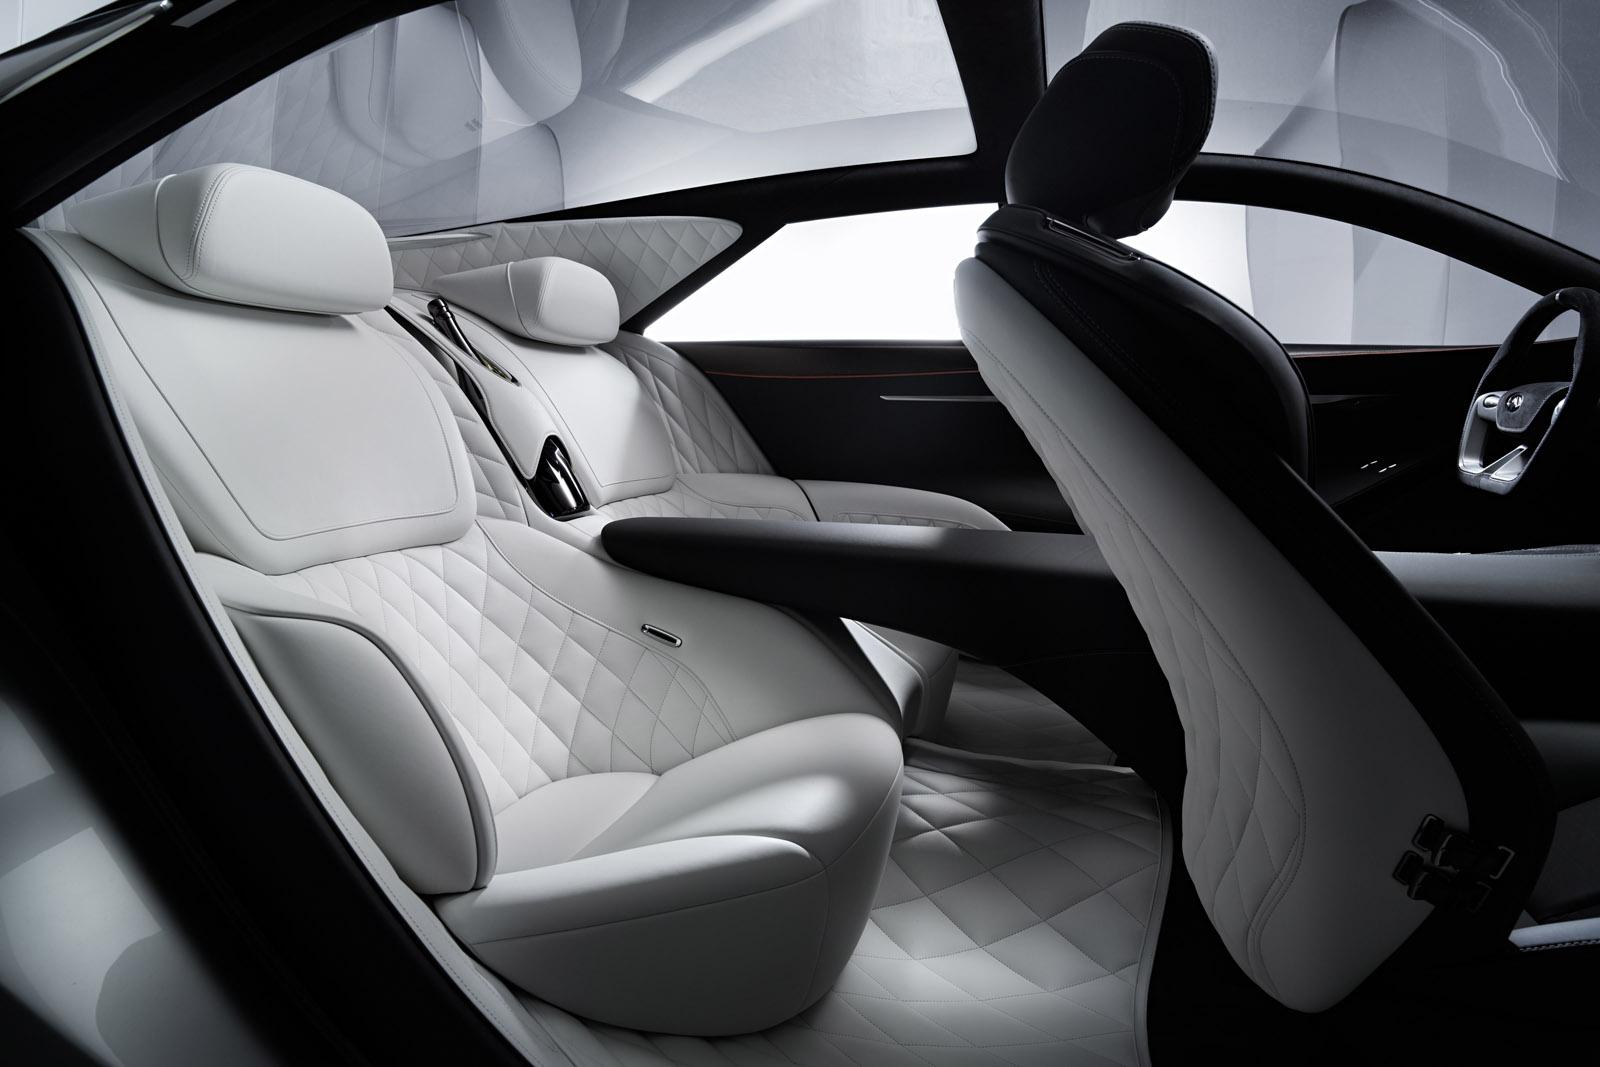 Nội thất của xe có thiết kế khá ấn tượng và sang trọng